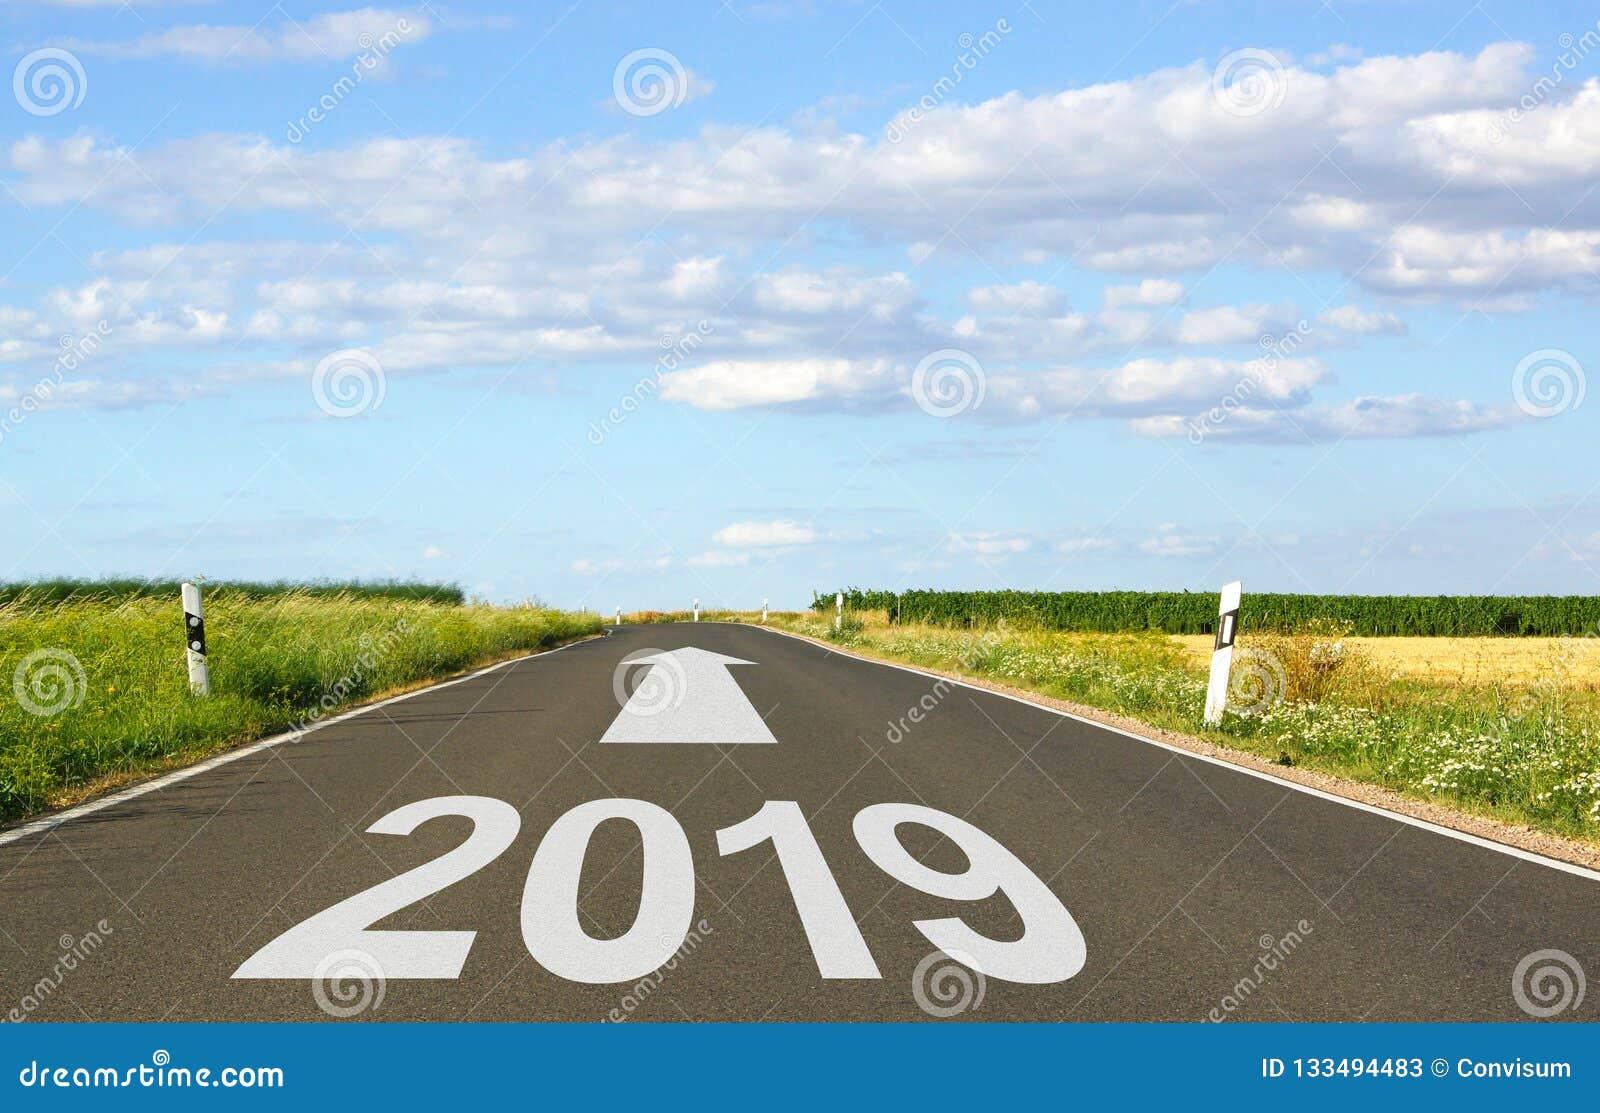 2019 - calle con la flecha y el año - el futuro